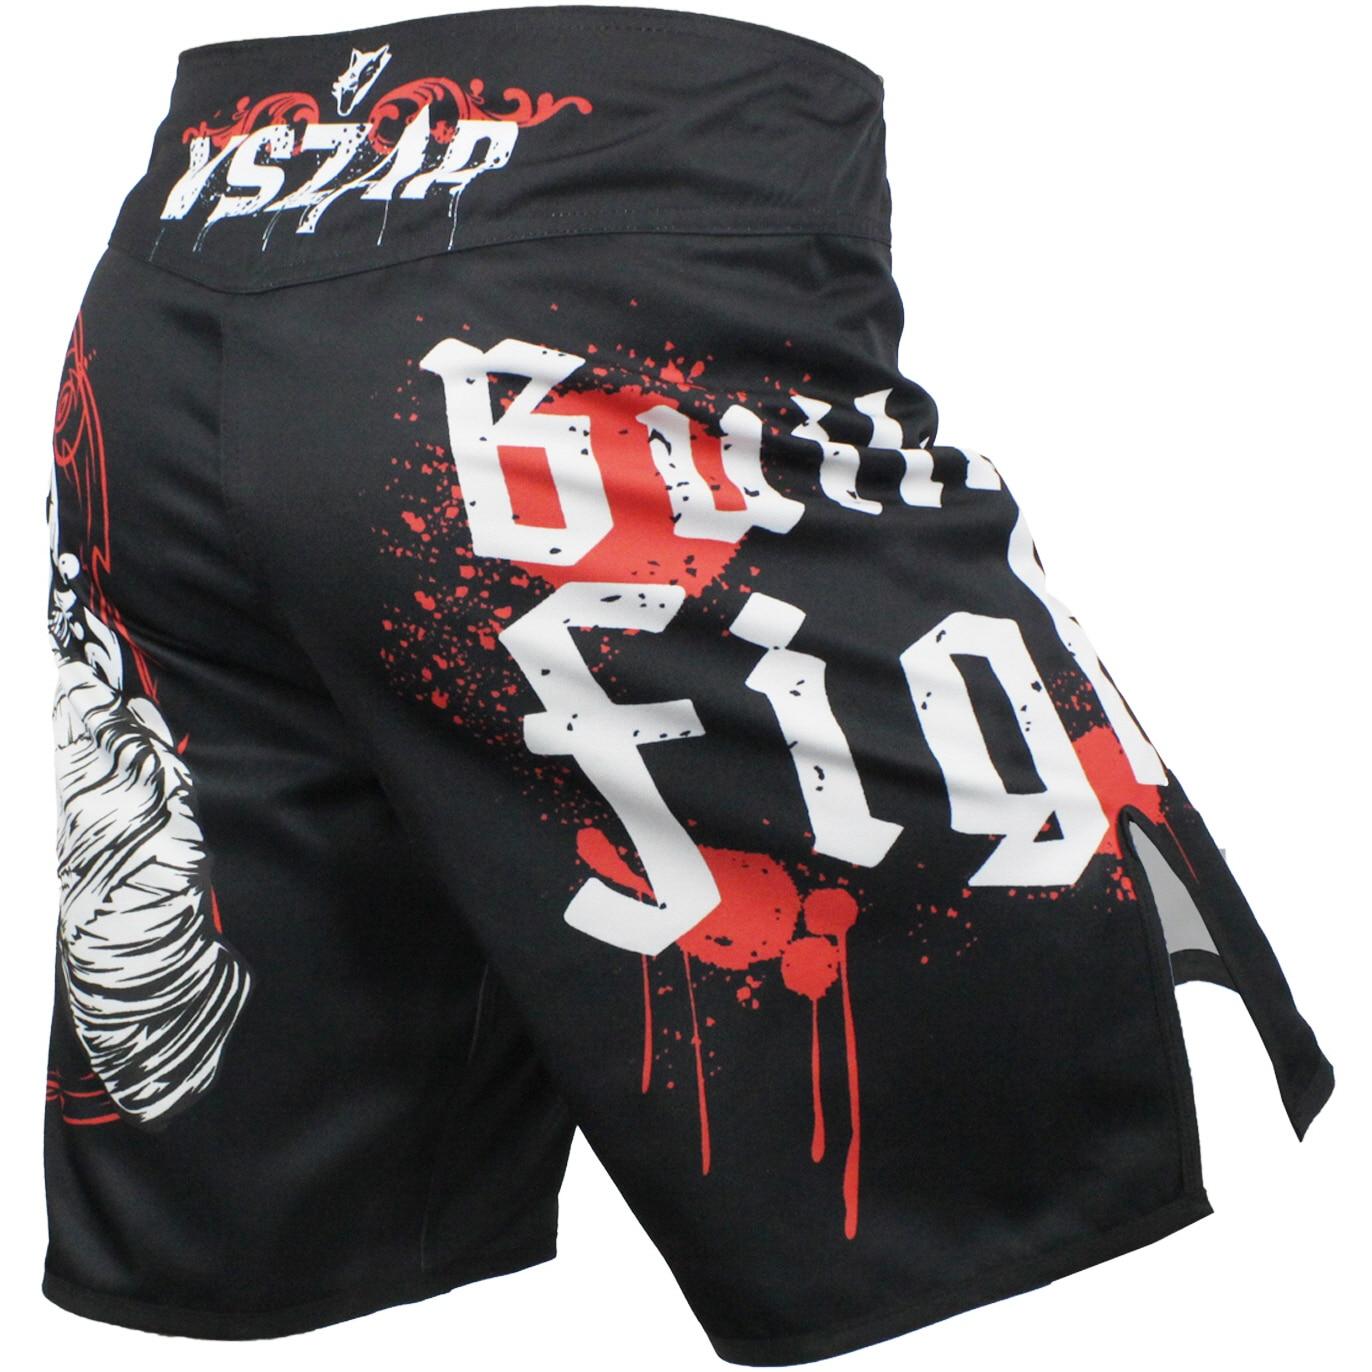 8799cd742b VSZAP Construído 2 Desgaste Luta MMA Luta De Boxe Troncos Movimento Calças  Haya Jiu Jitsu Muay Thai Kickboxing Treinamento Boxer calções em Troncos de  boxe ...